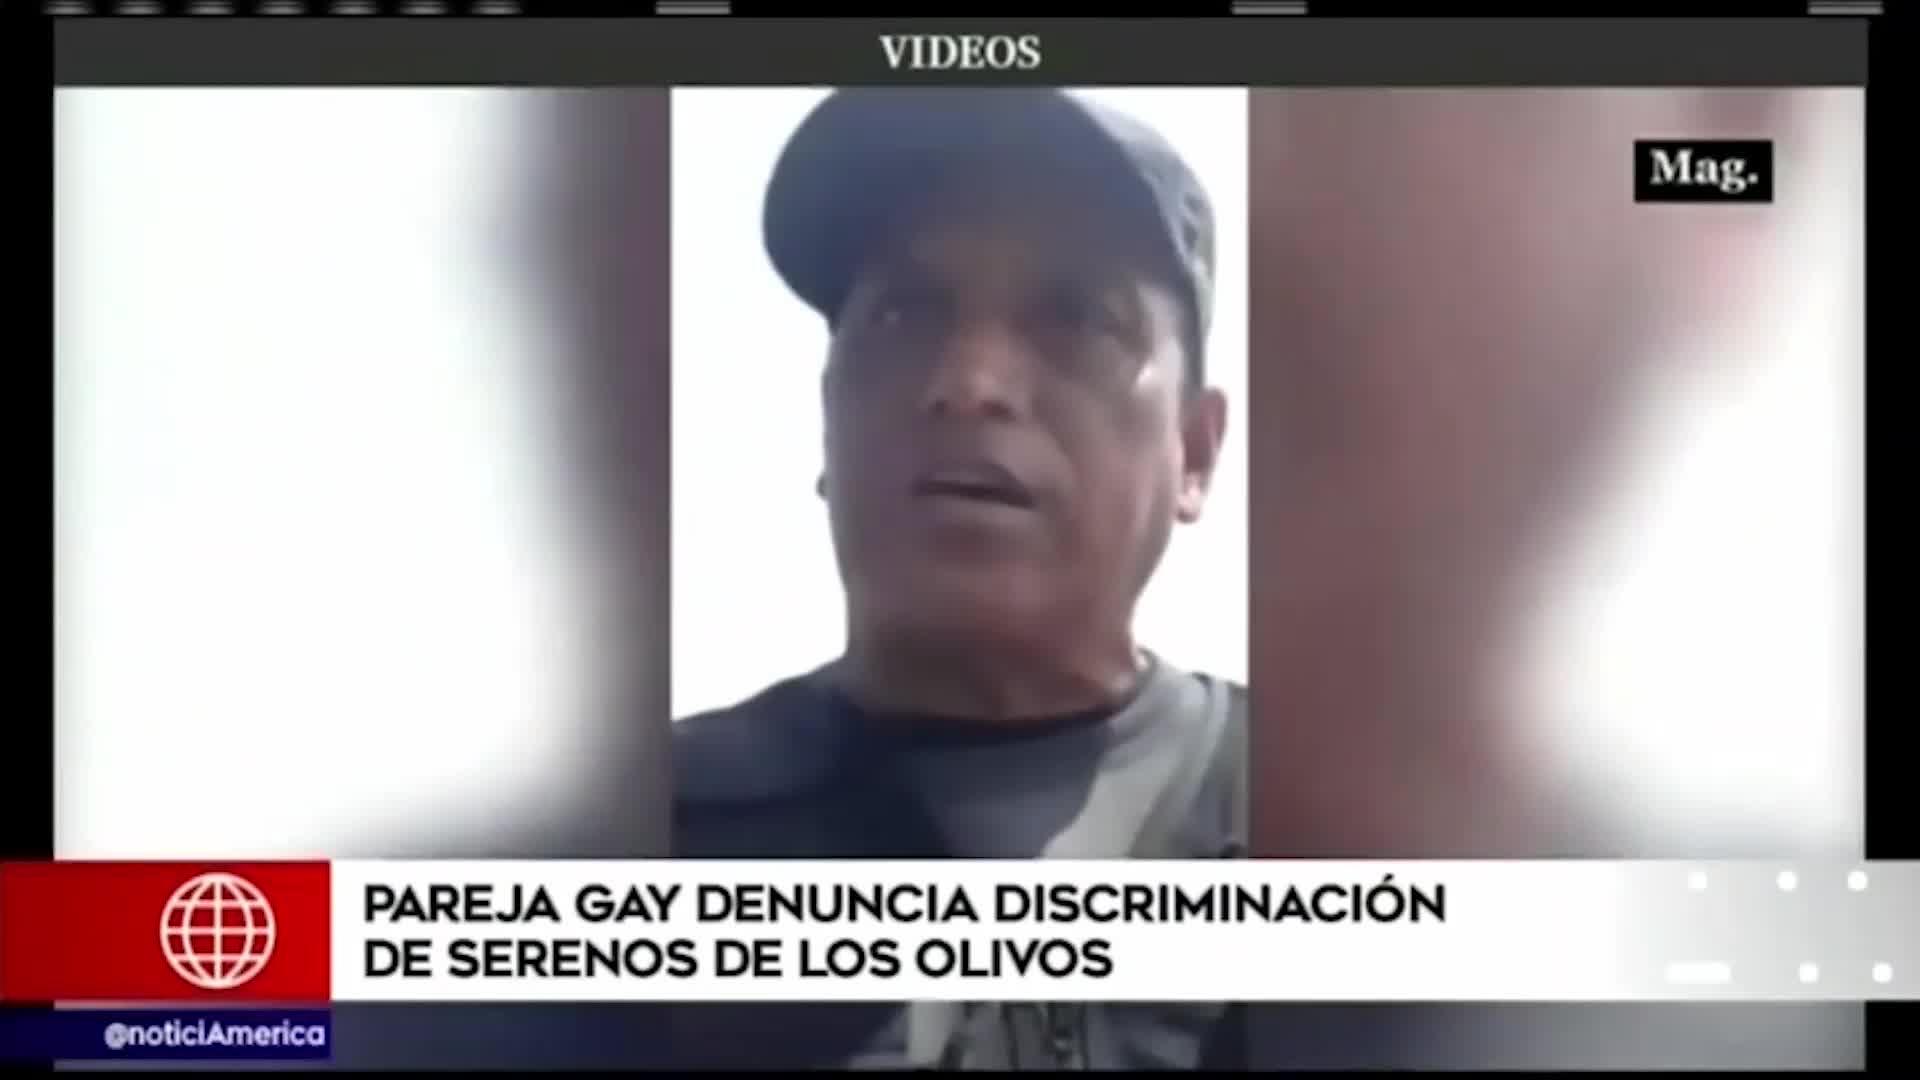 Sereno de Los Olivos podría ser retirado del cargo por discriminación a pareja gay